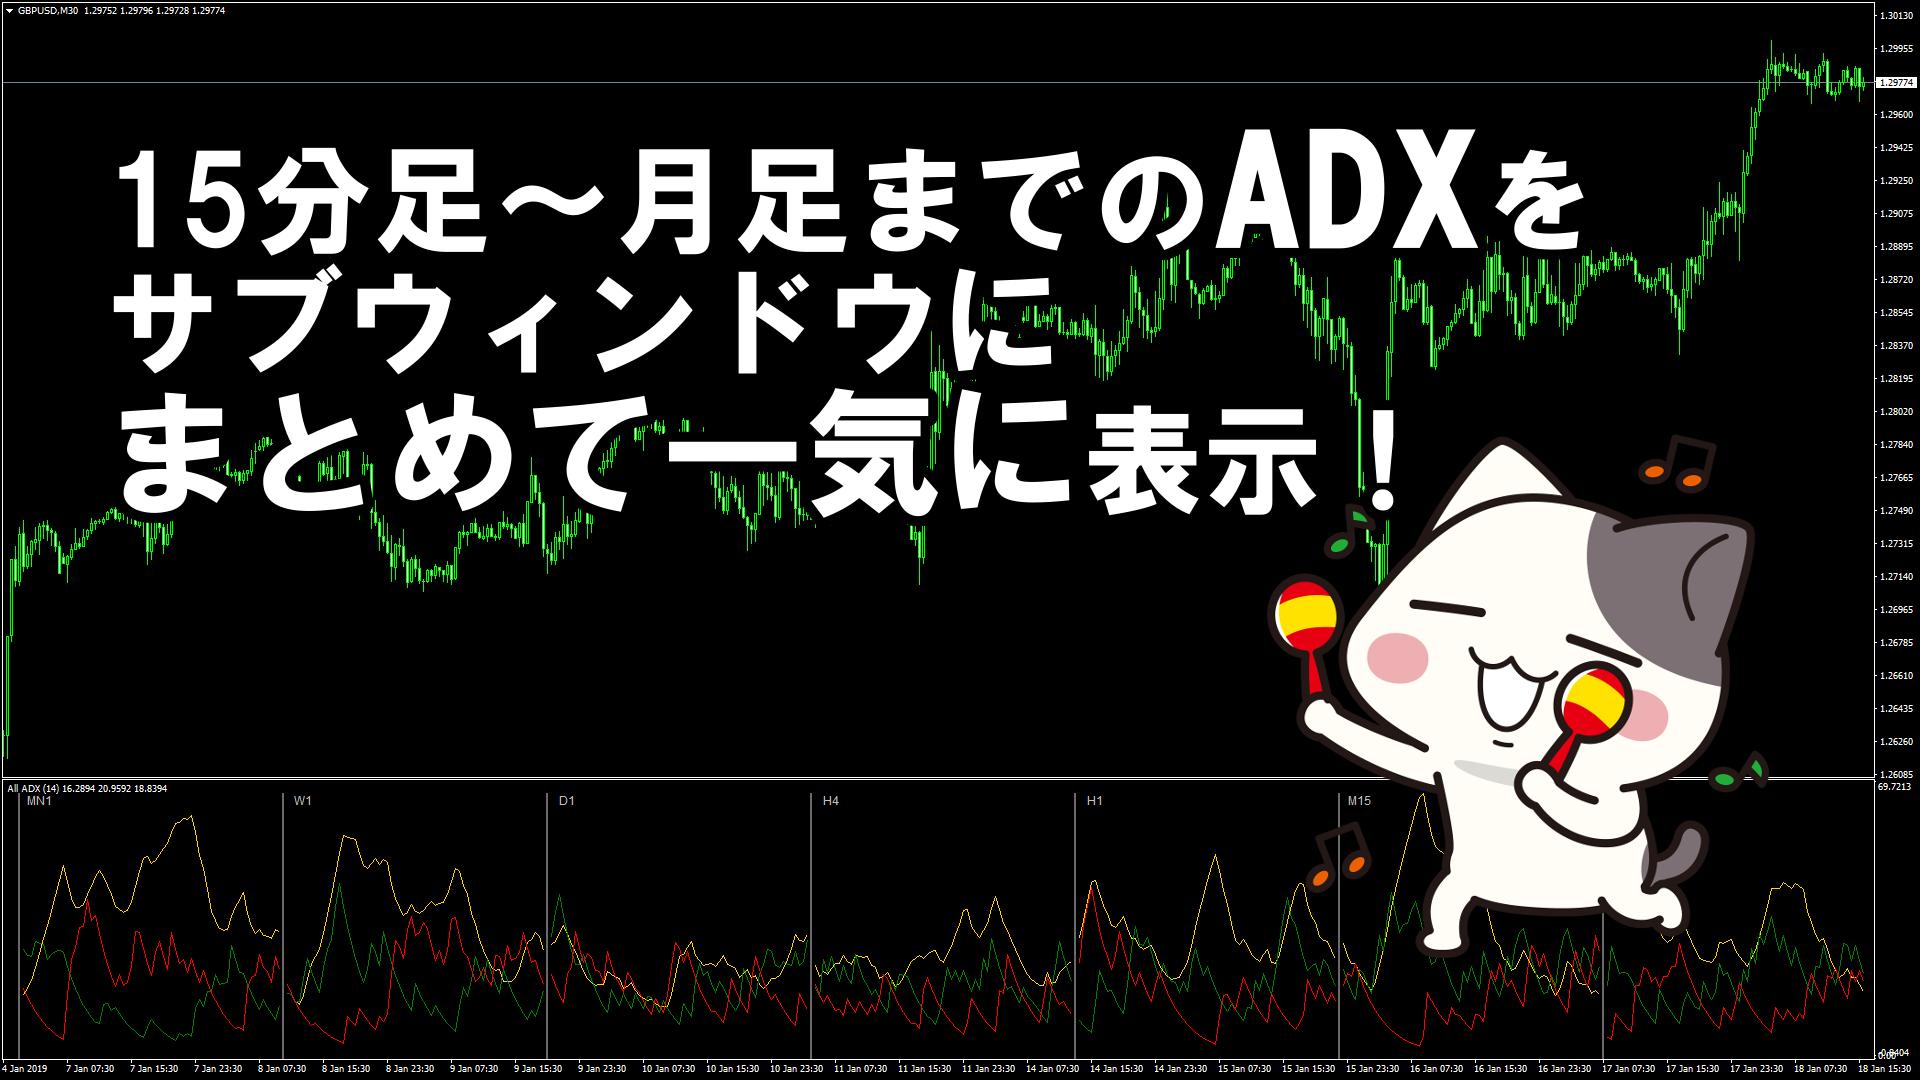 15分足~月足までのADXをサブウィンドウにまとめて一気に表示するMT4インジケーター『All_ADX』